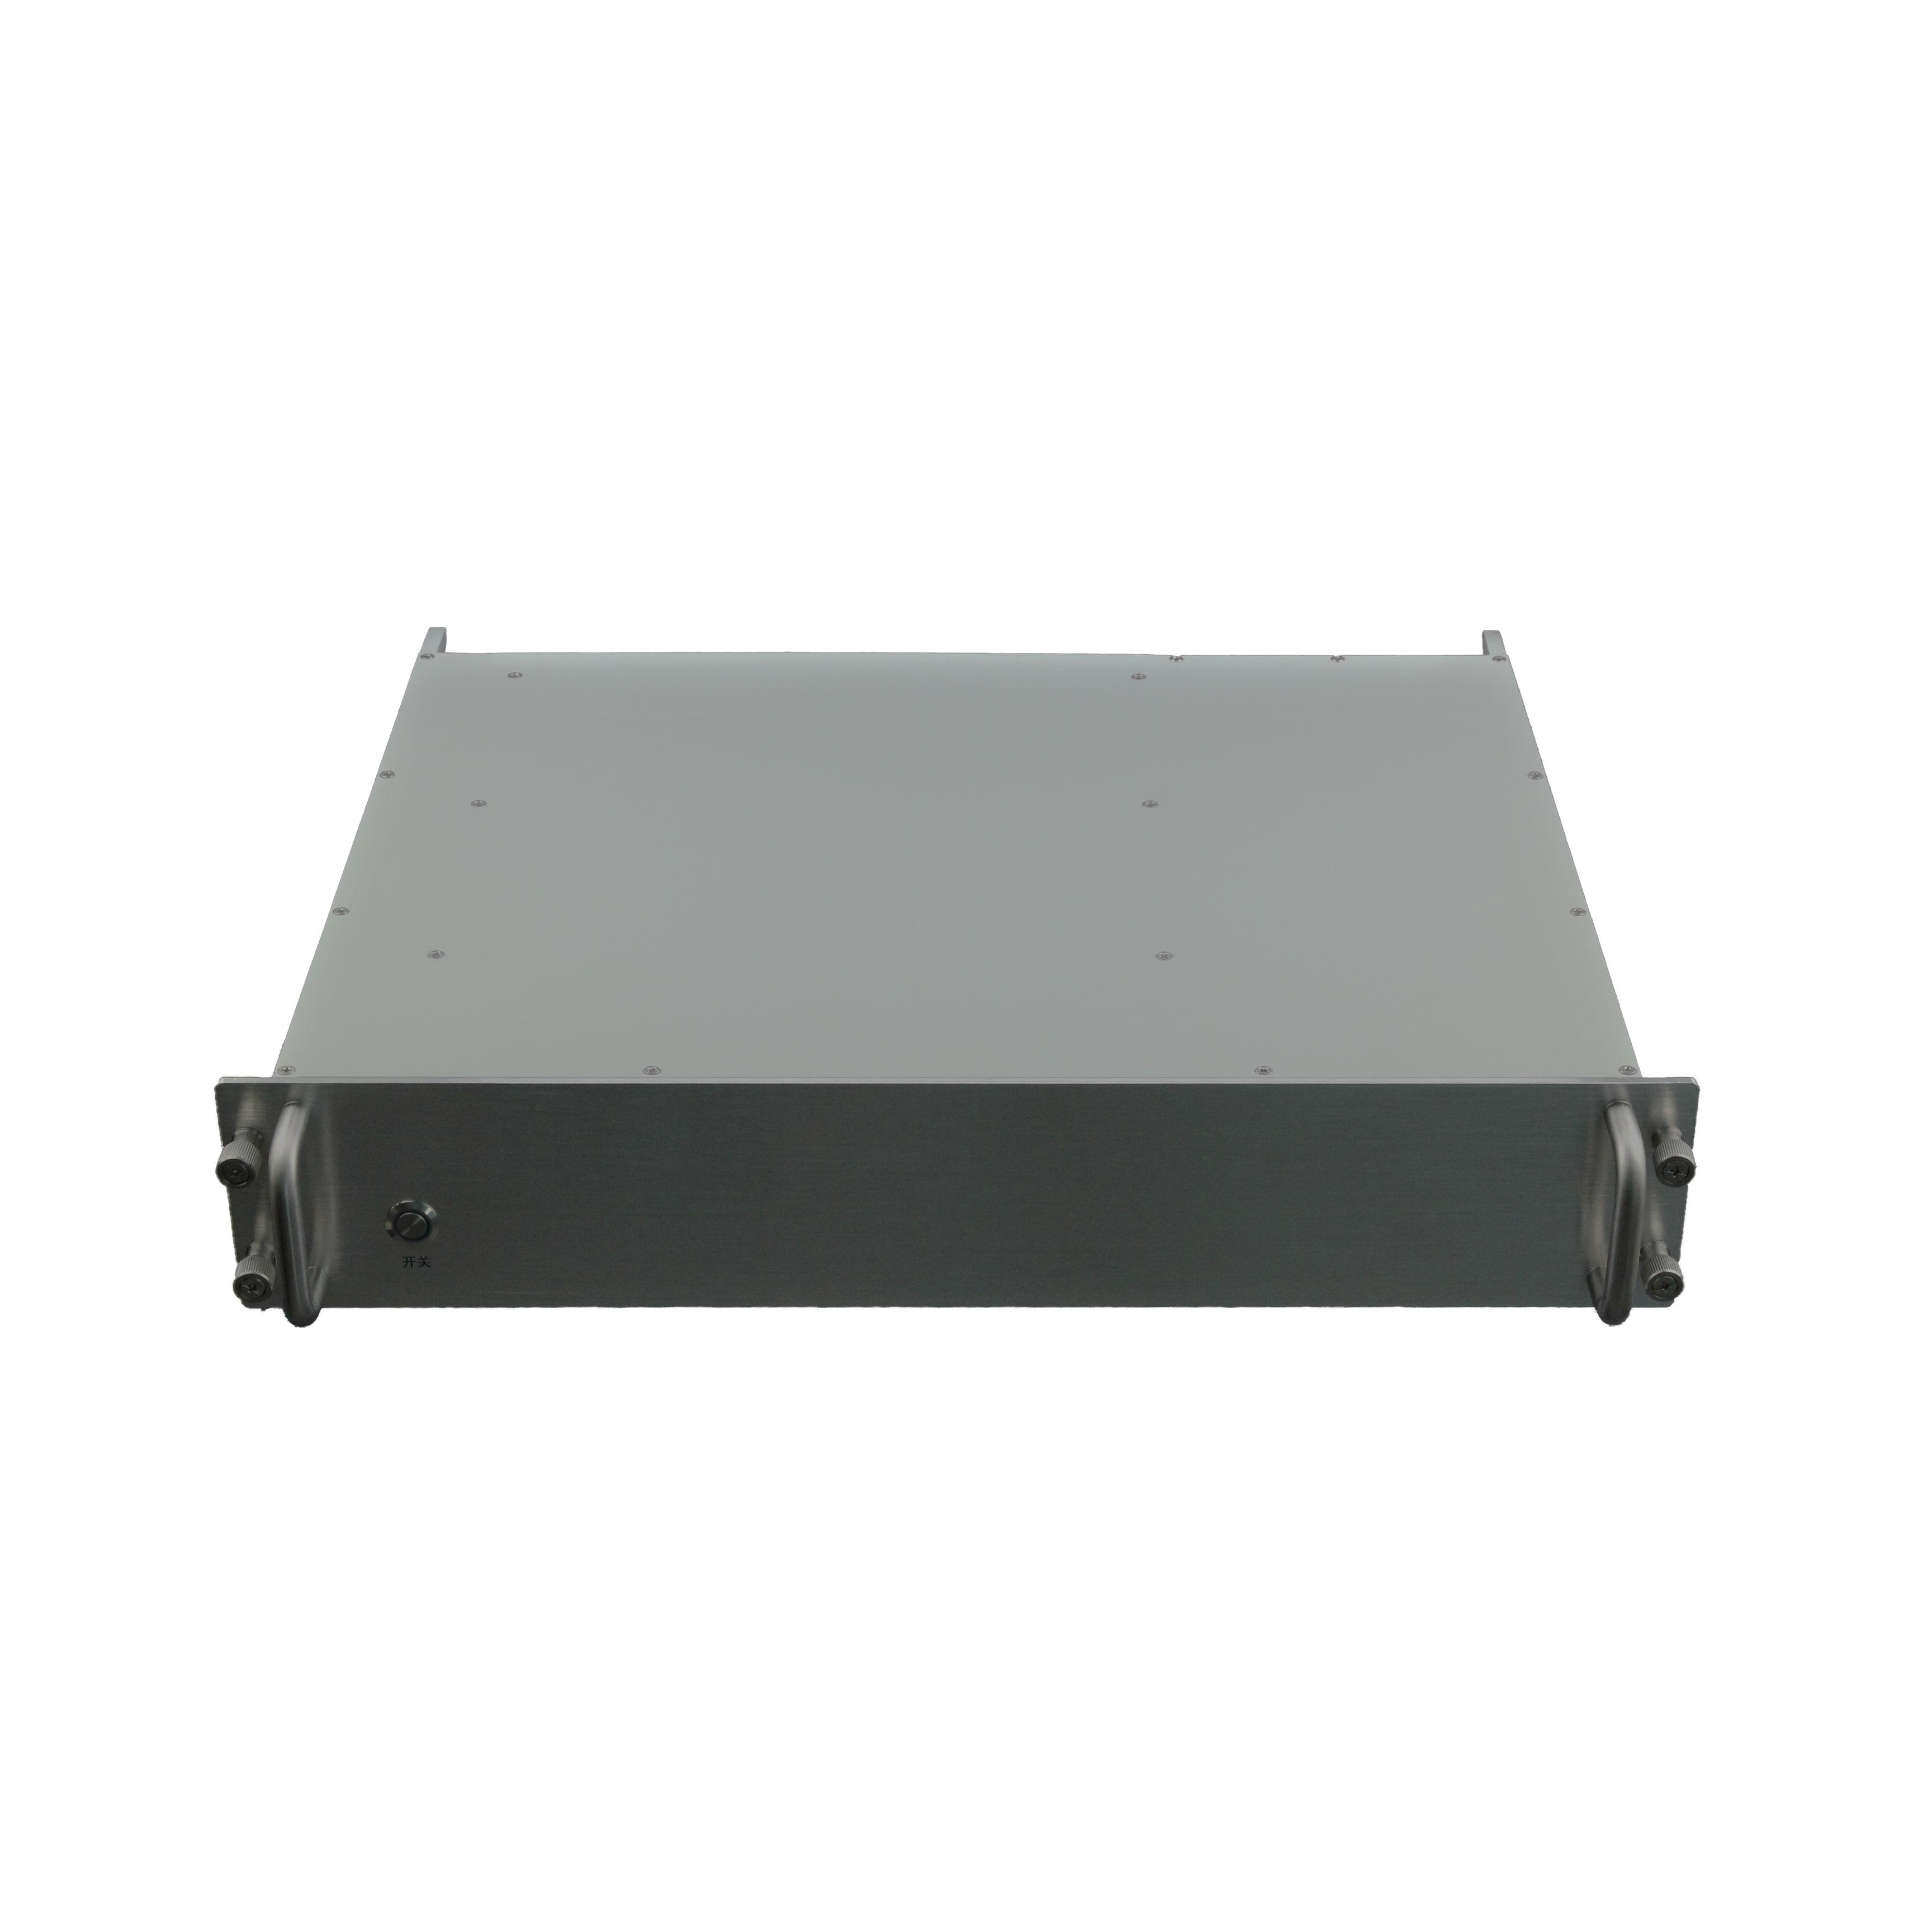 CPCIS-2604